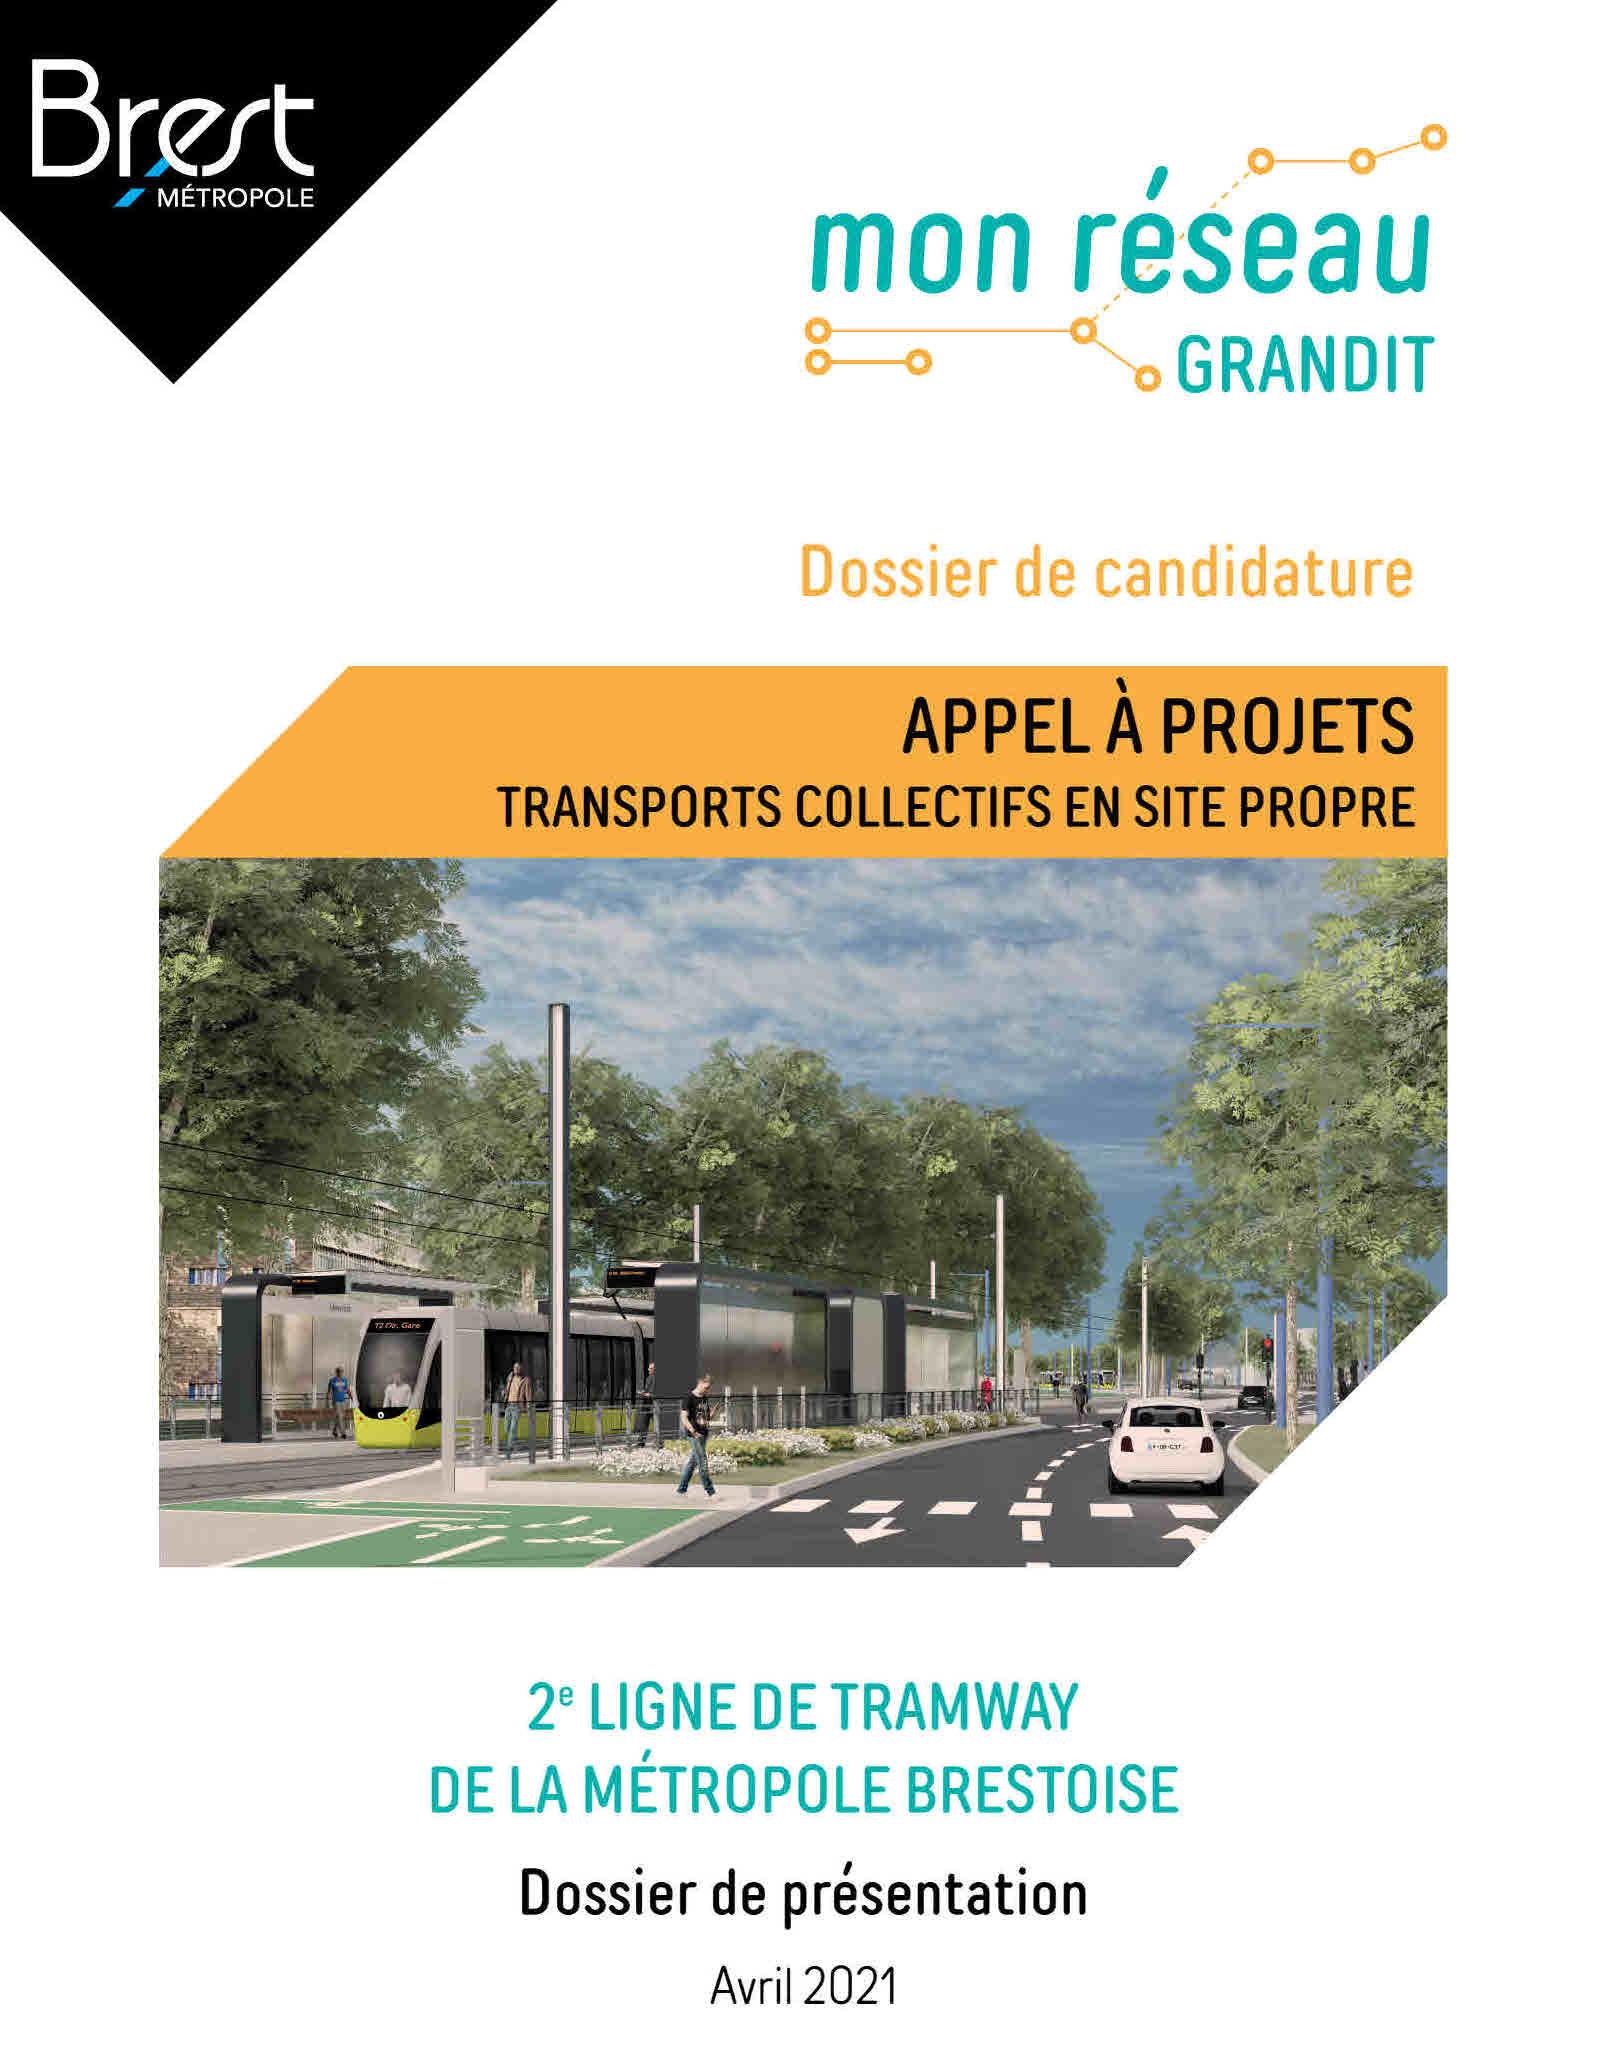 """21 millions d'Euros de subvention pour le projet de transport """"Mon réseau grandit""""."""